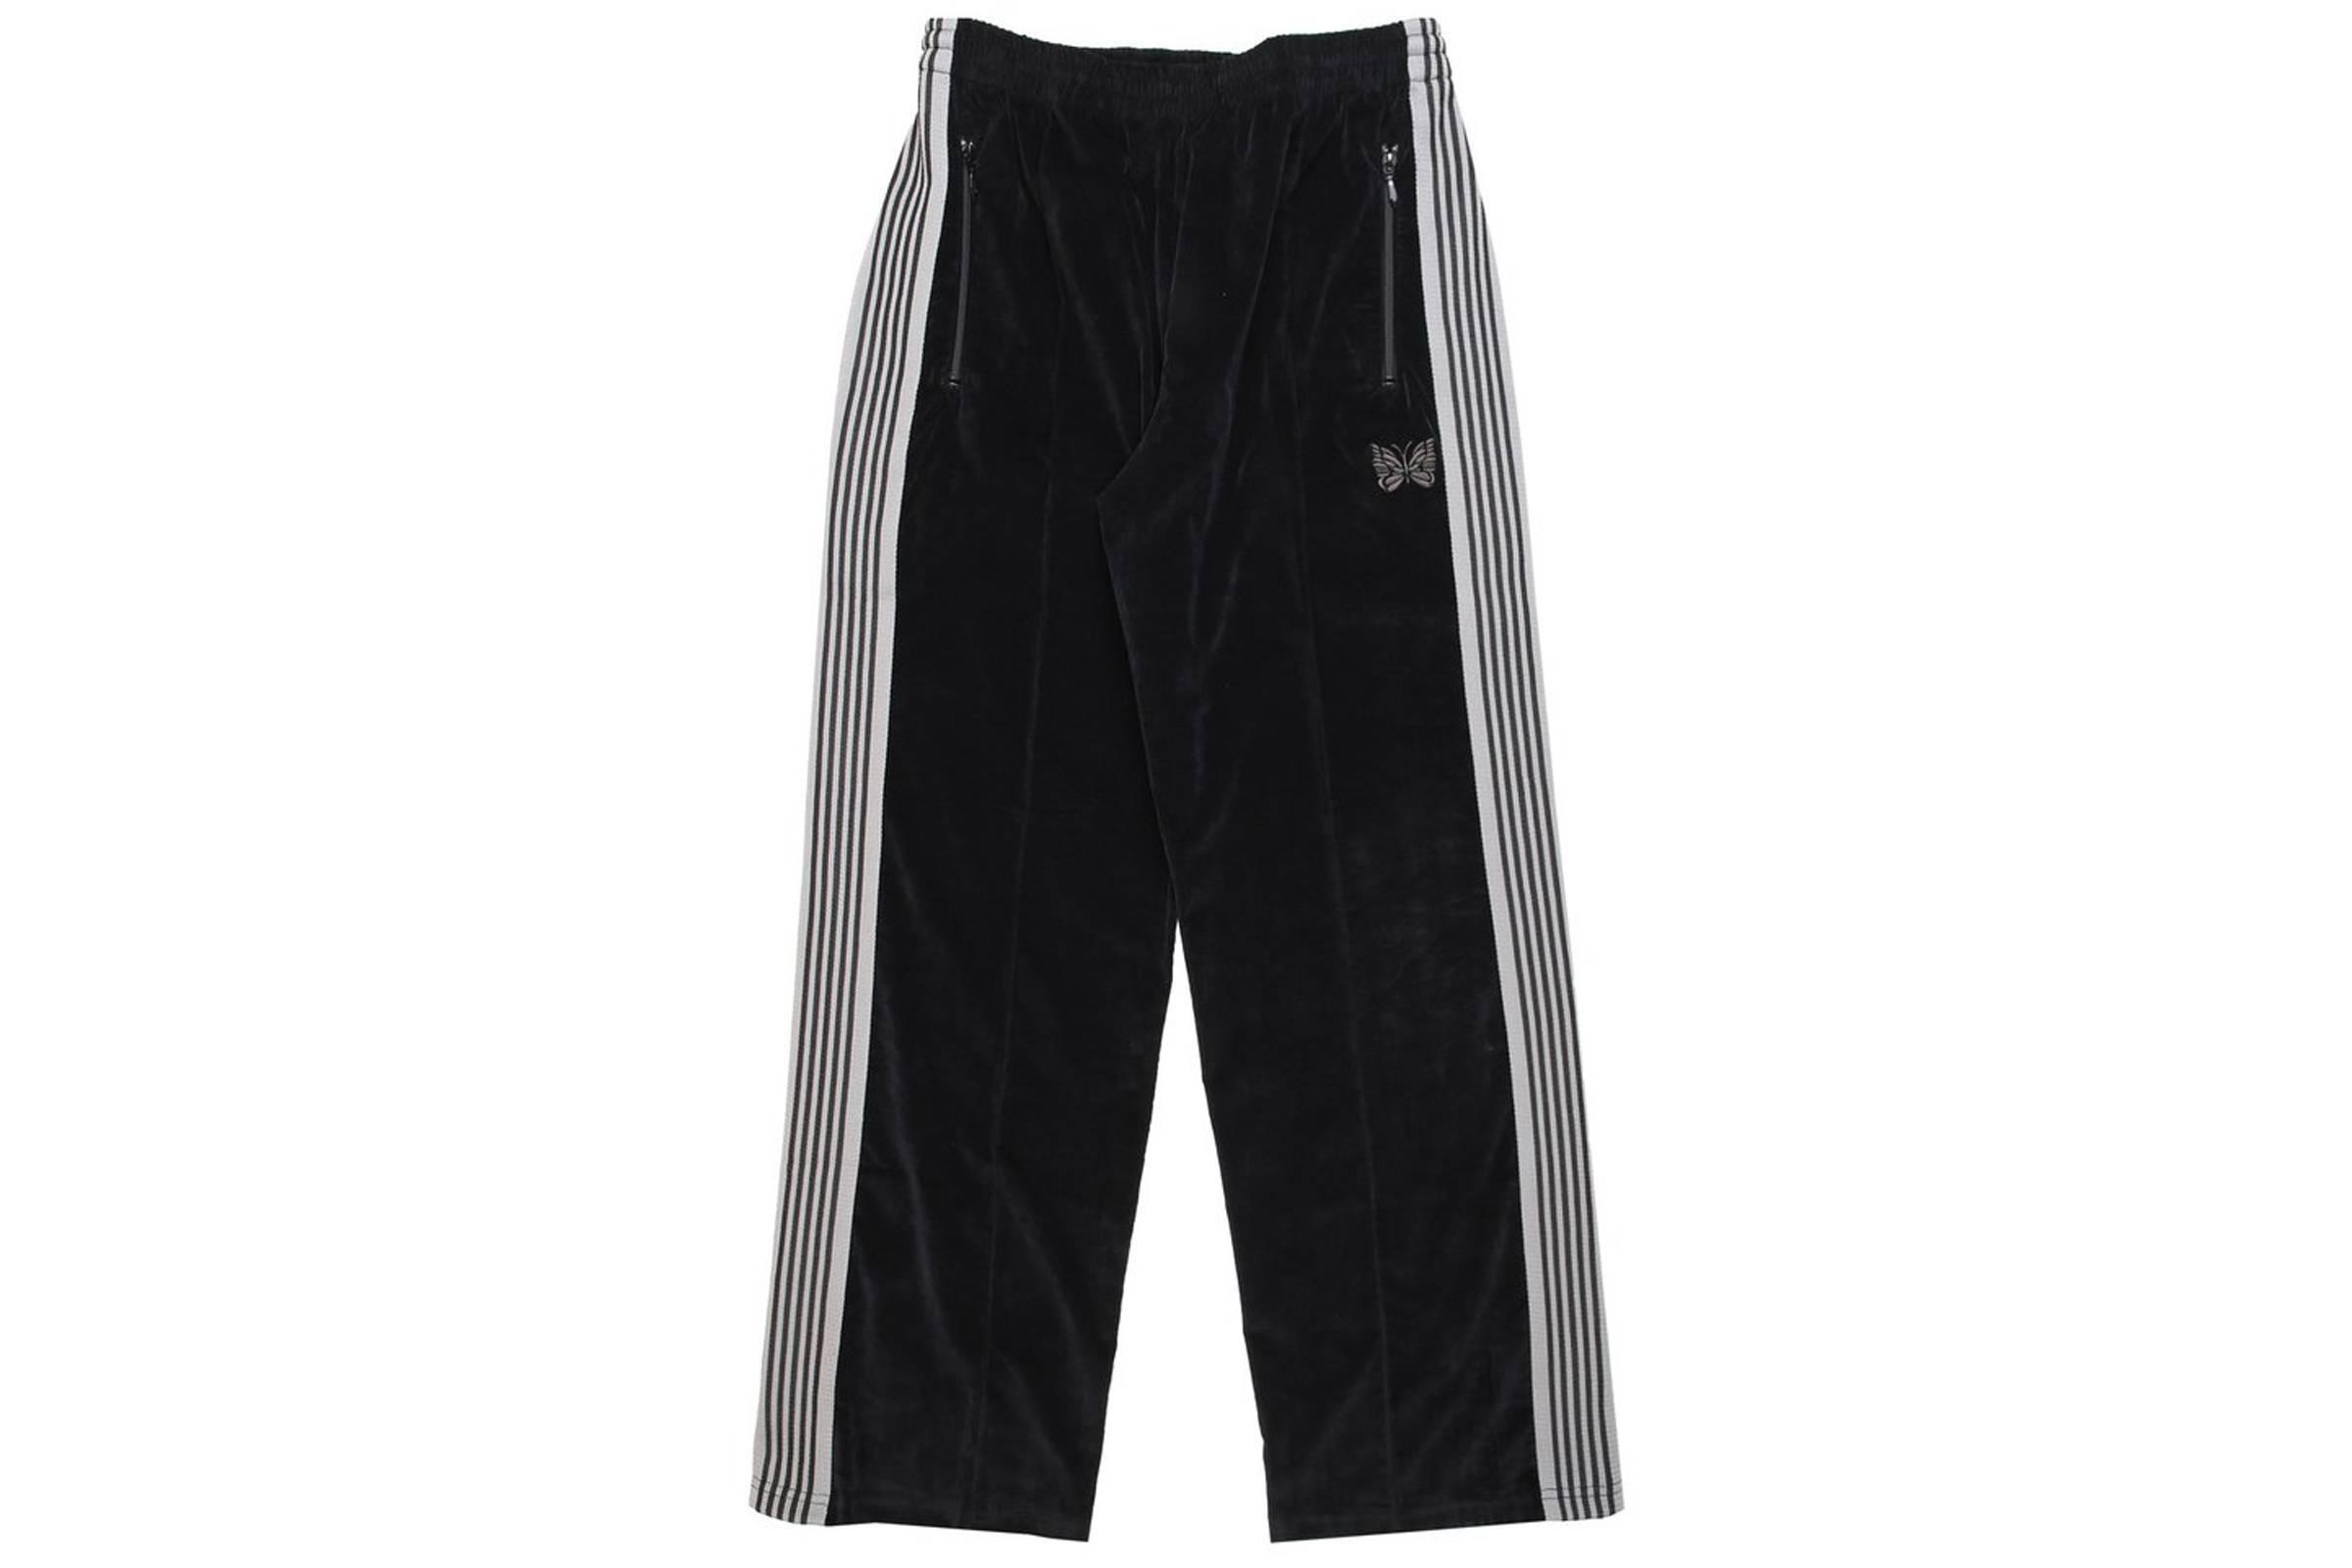 Track Pants and Sweatpants